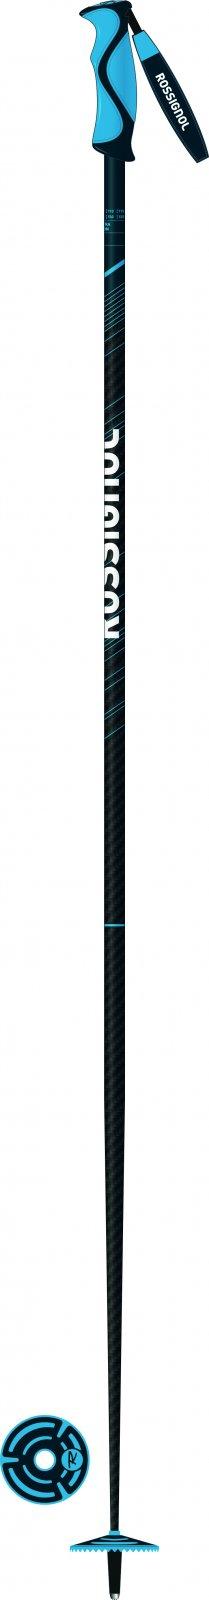 Rossignol Electra Carbon Ski Poles 2020